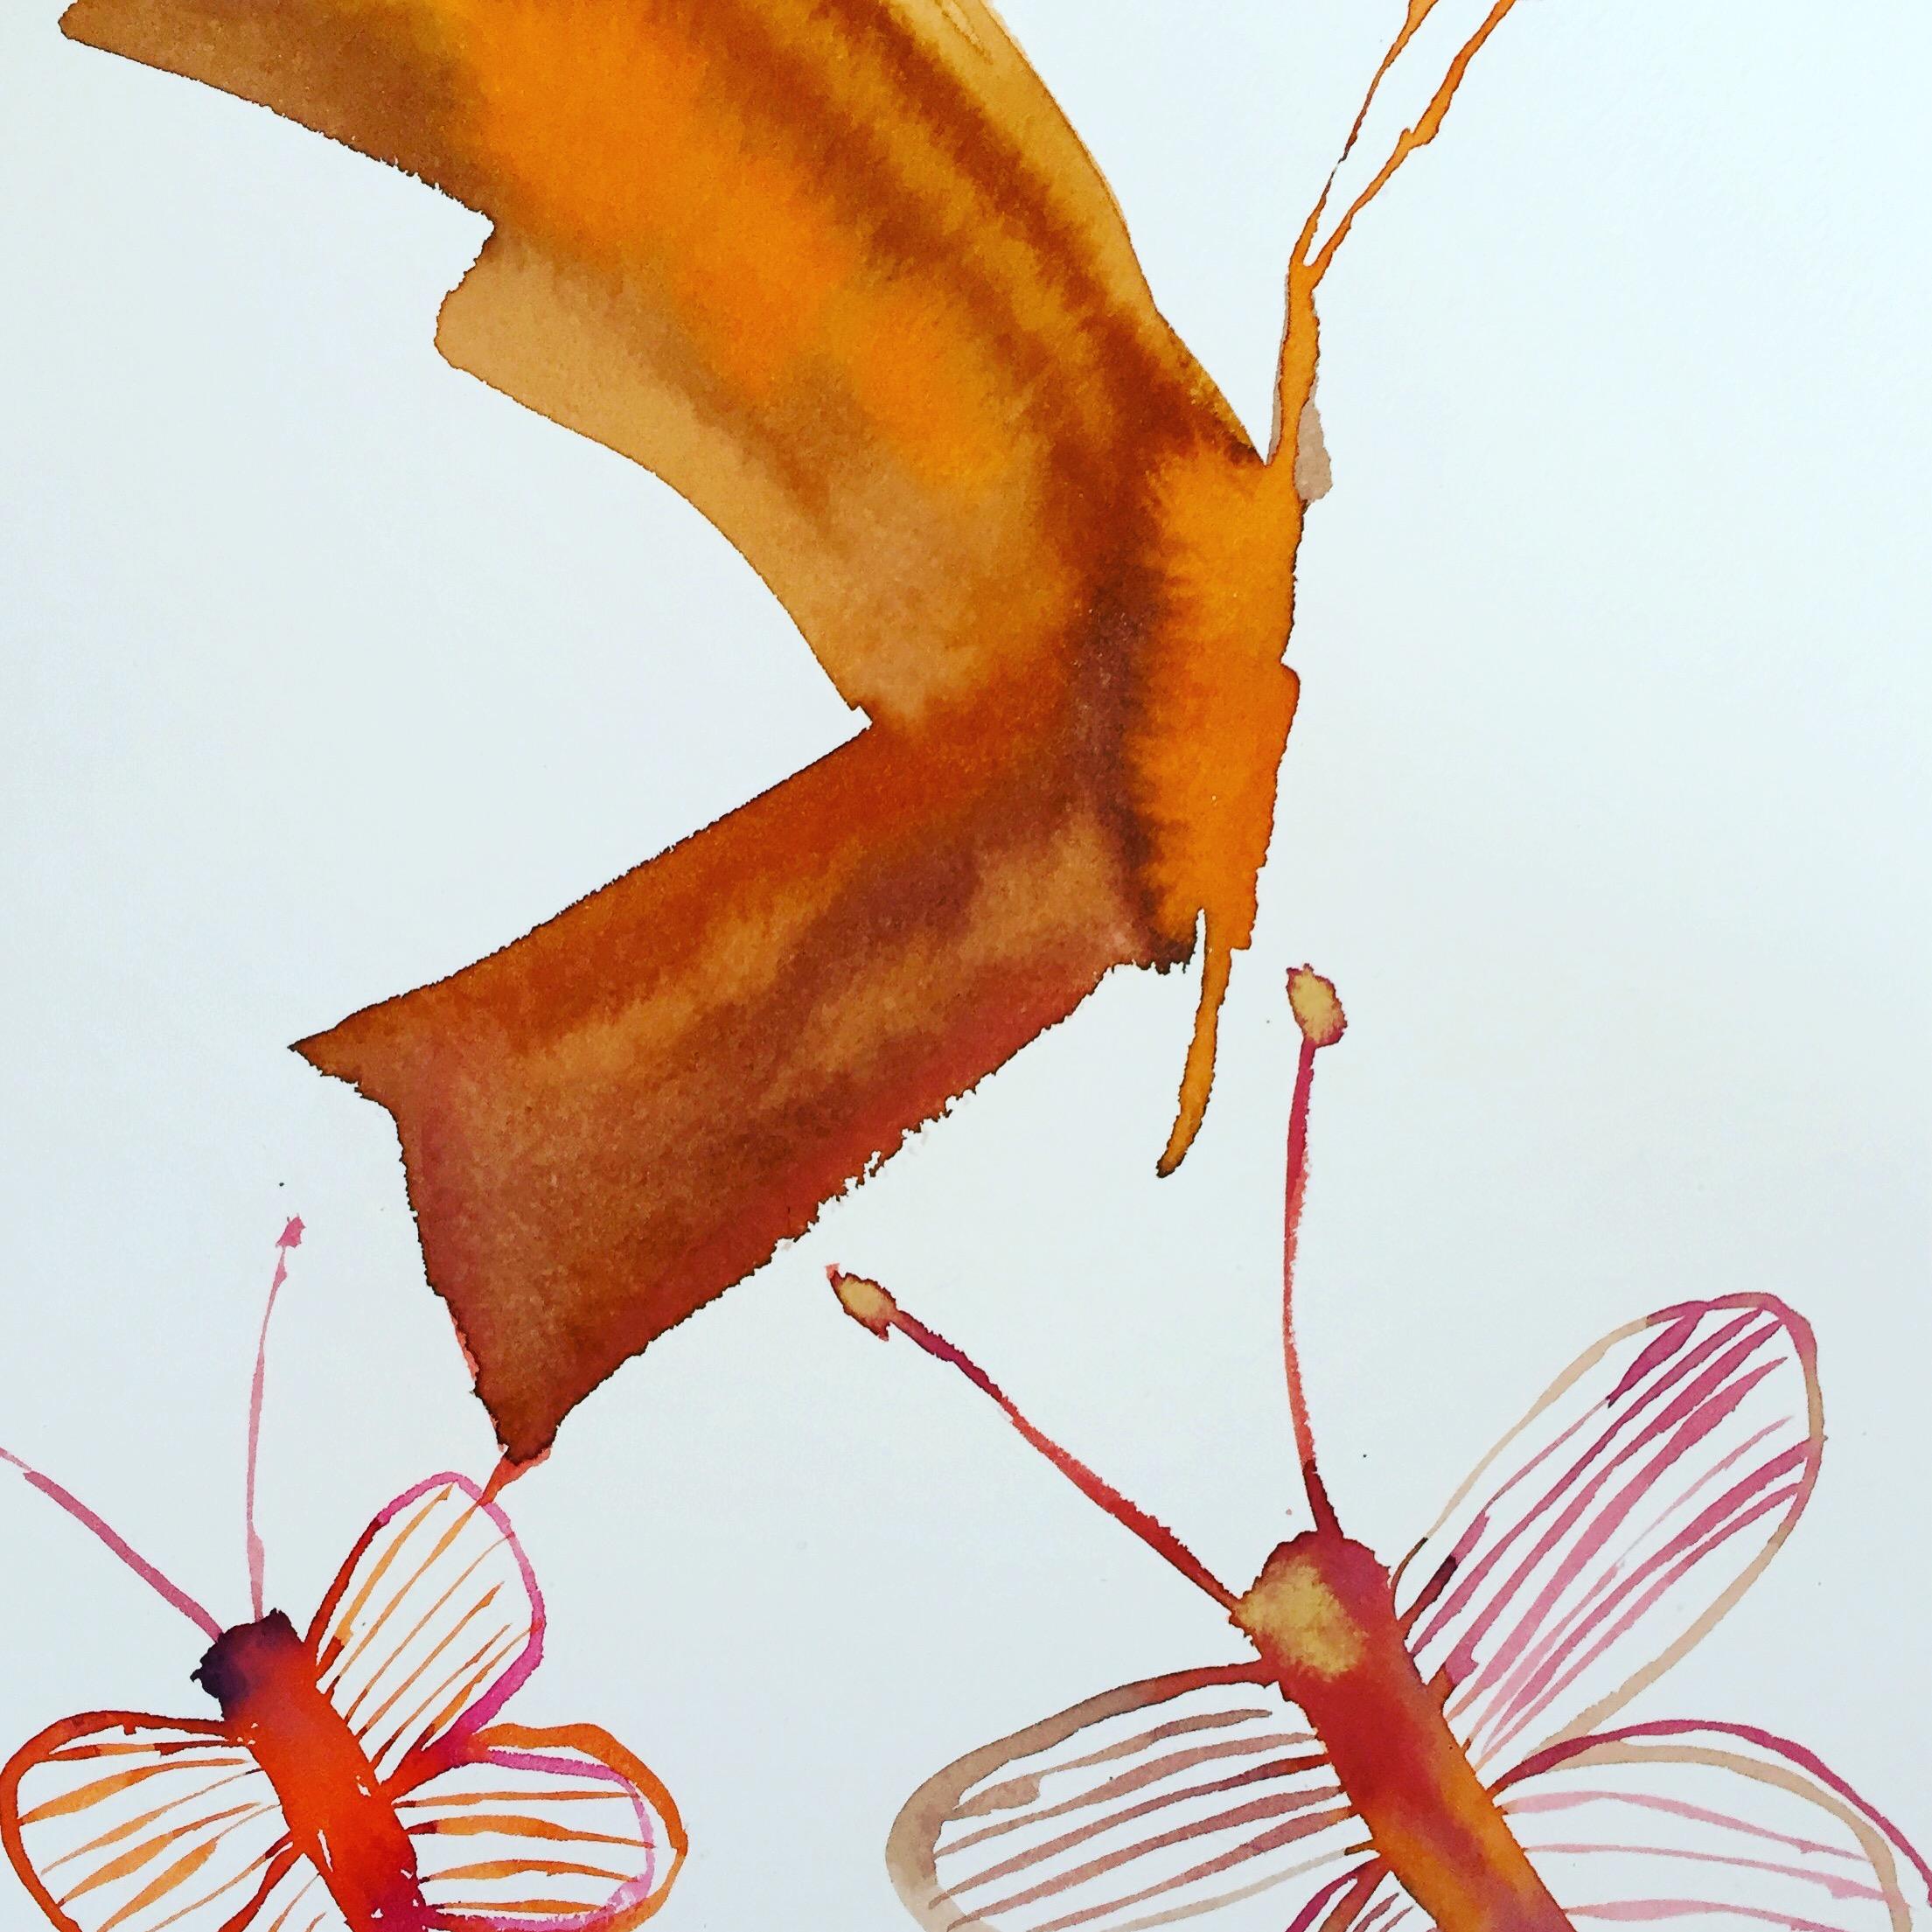 Le Papillon Orange, 2015